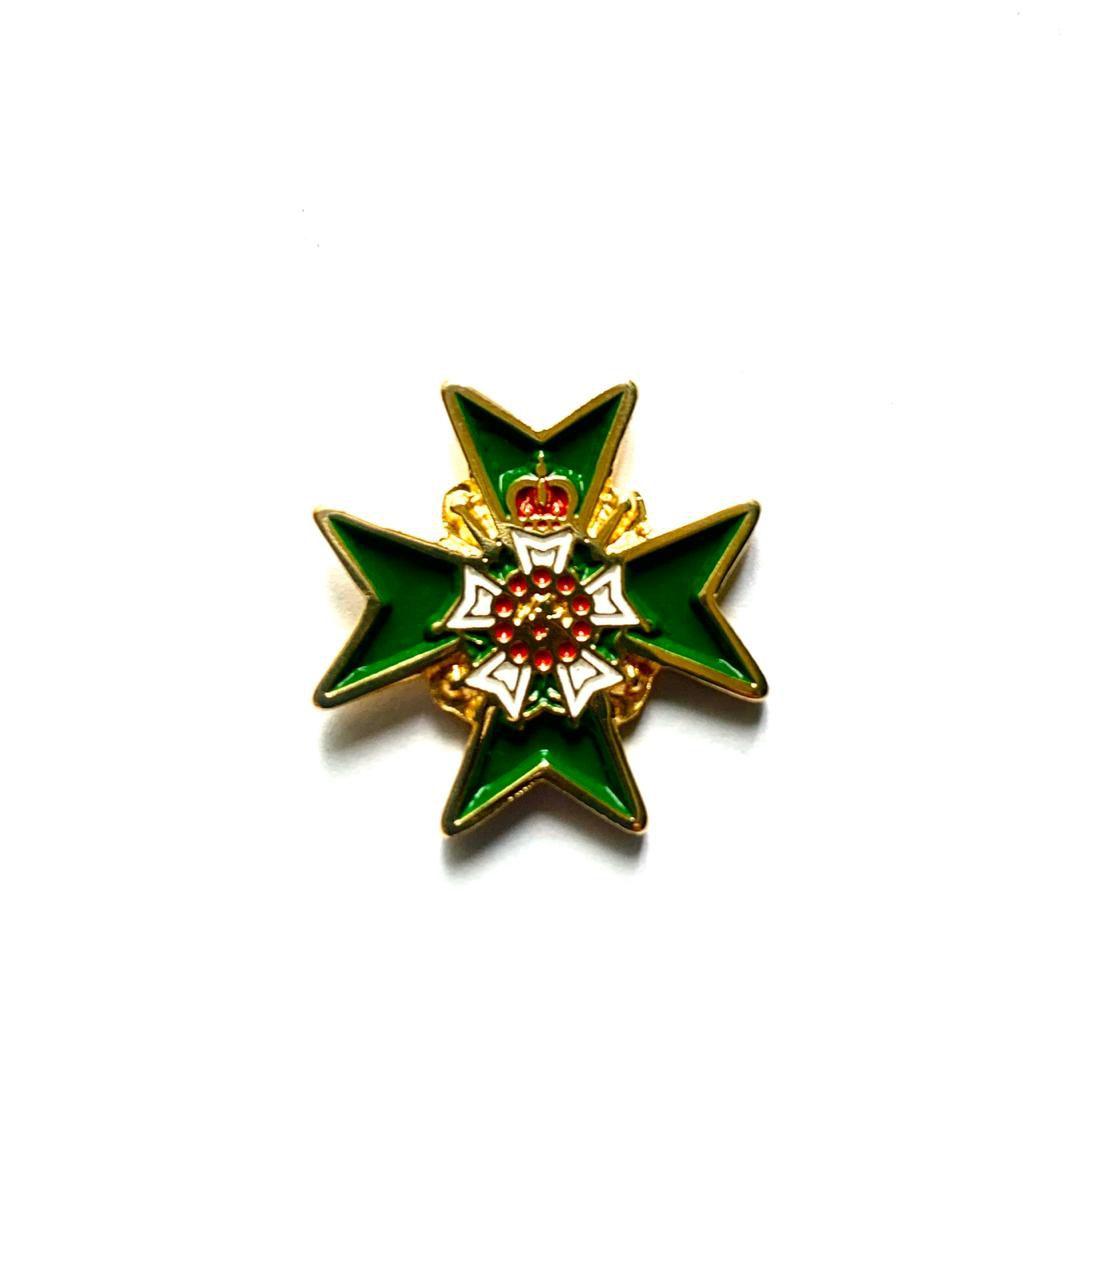 Pin Comendador Cavalaria